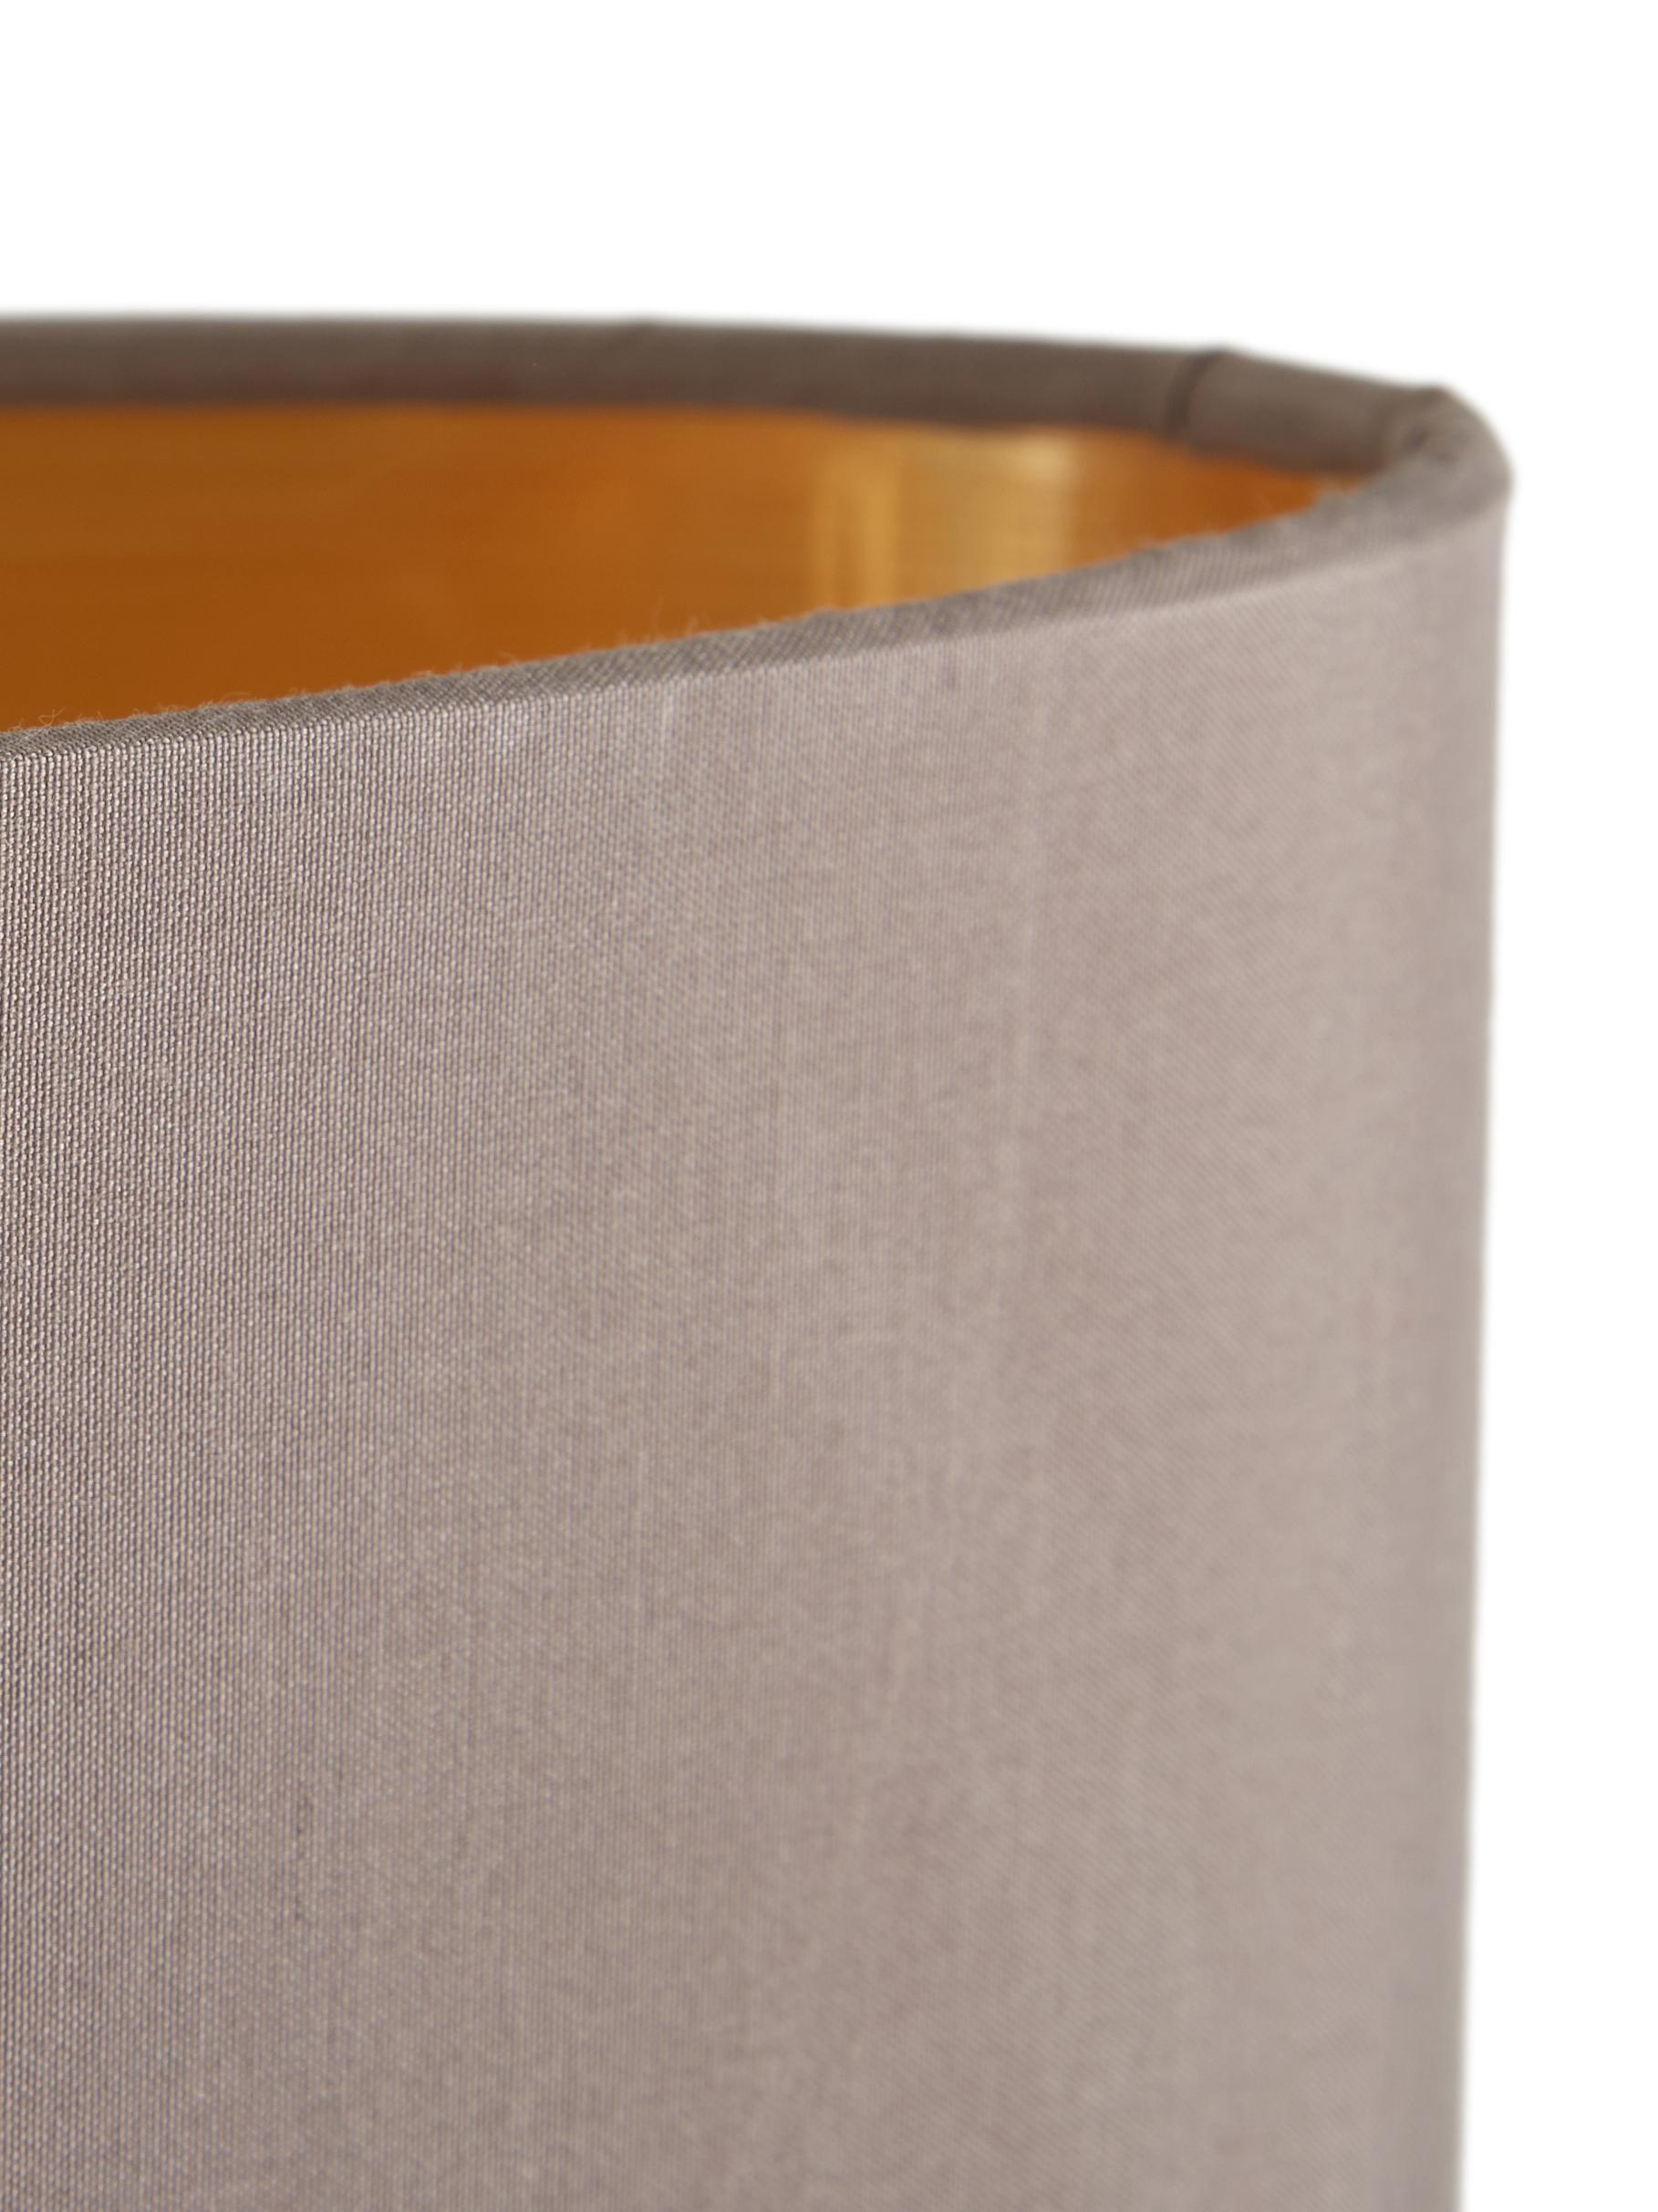 Ovale Pendelleuchte Jamie, Baldachin: Metall, vernickelt, Silberfarben,Grau-Beige, 78 x 22 cm